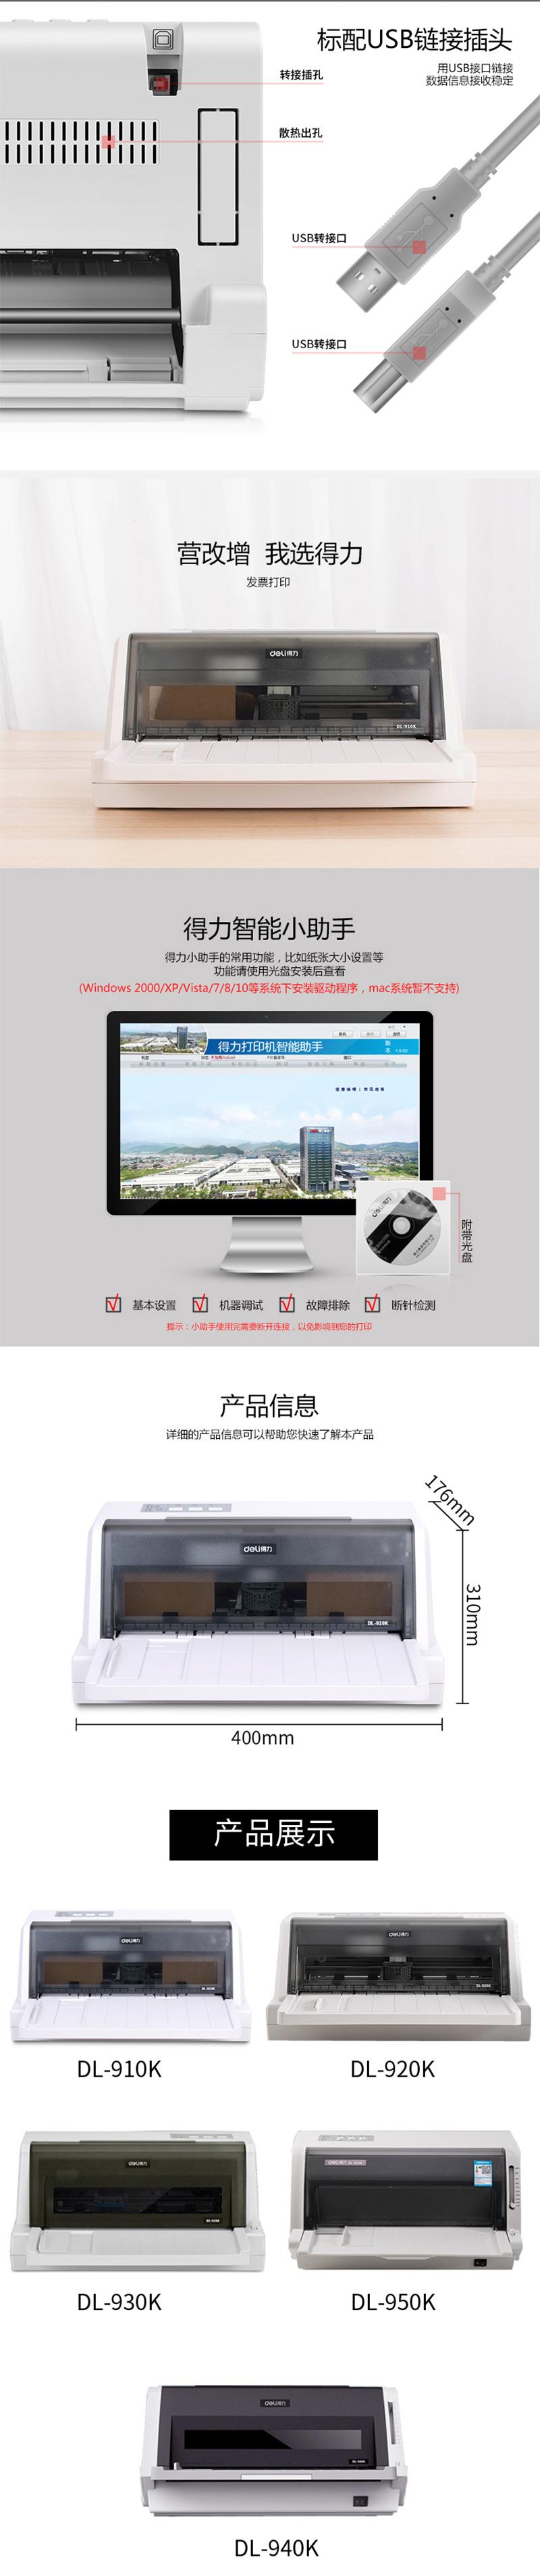 得力DL-910K 针式打印机